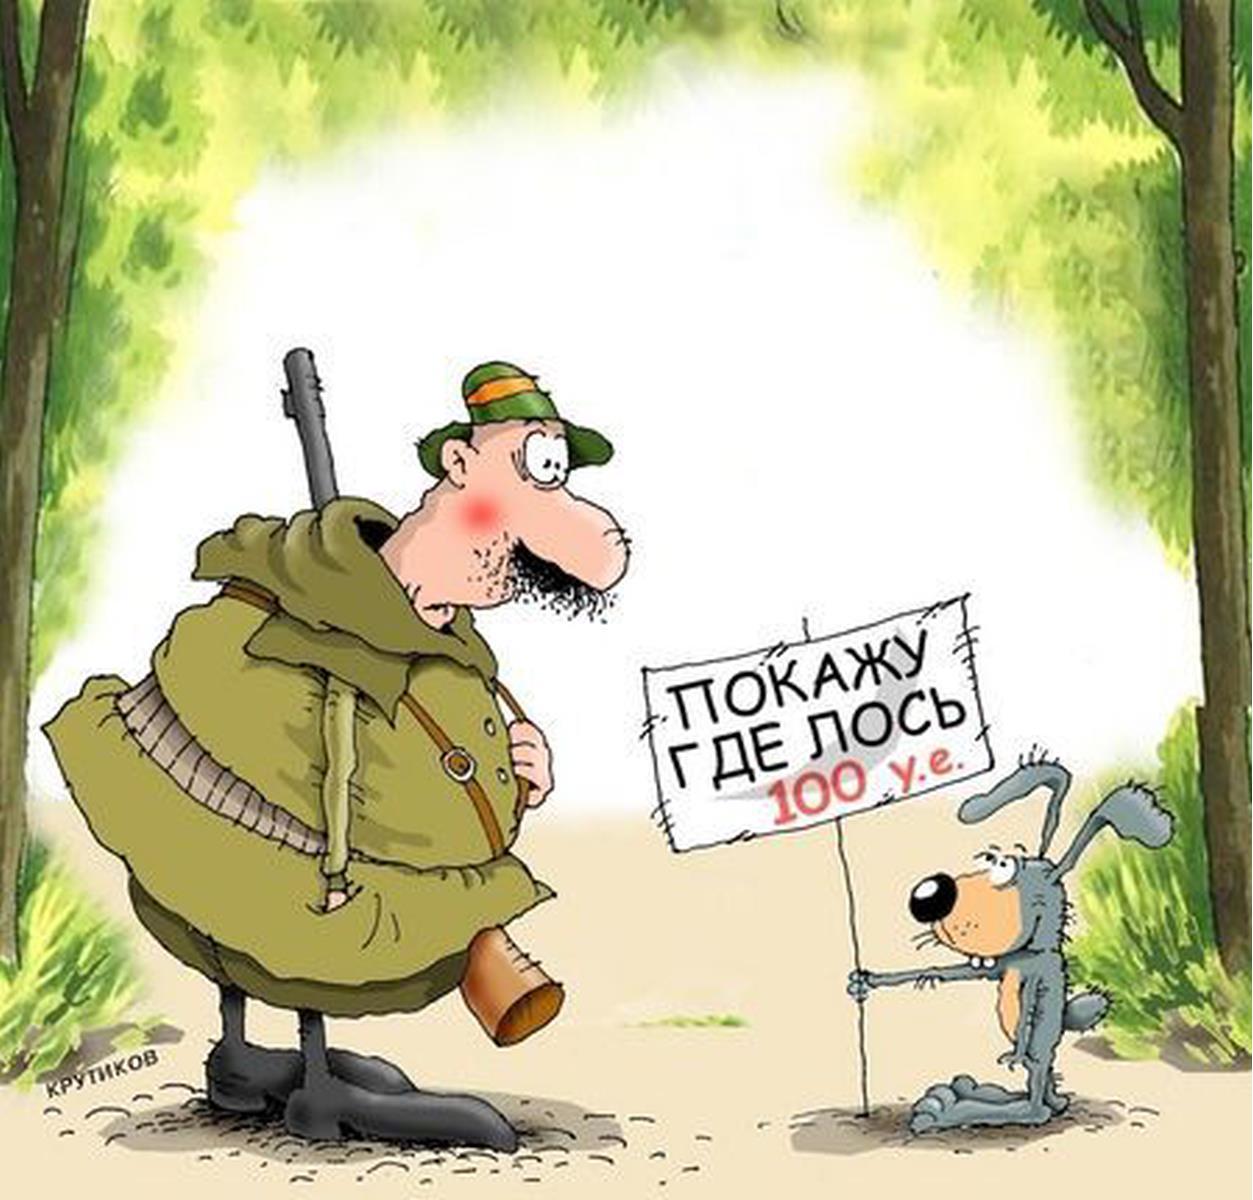 Фото, смешная картинка охотнику